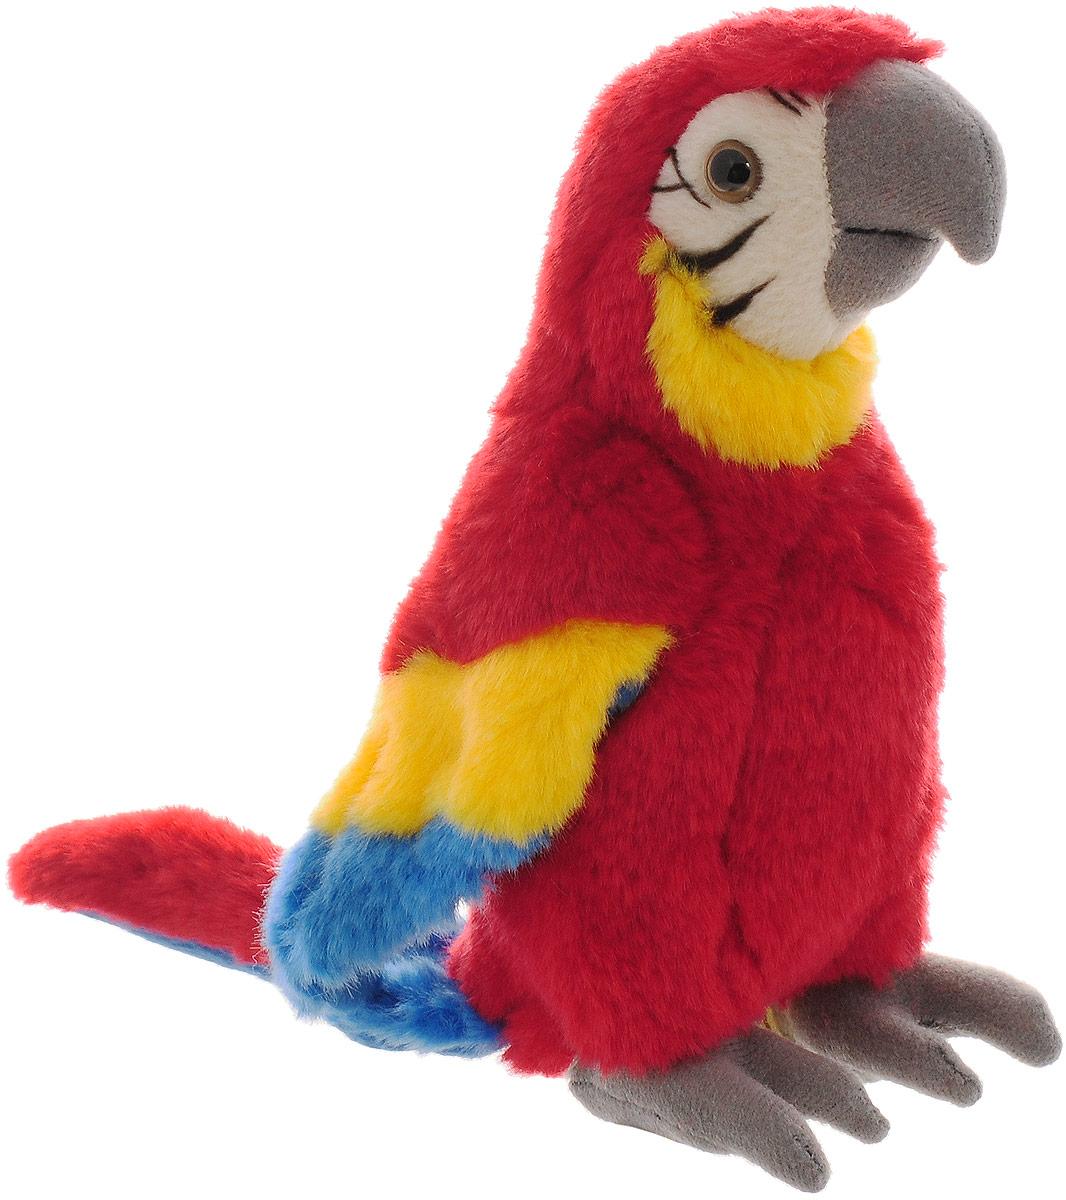 WWF Мягкая игрушка Красный попугай 18 см wwf кролик коричневый wwf мягкая игрушка 18 см